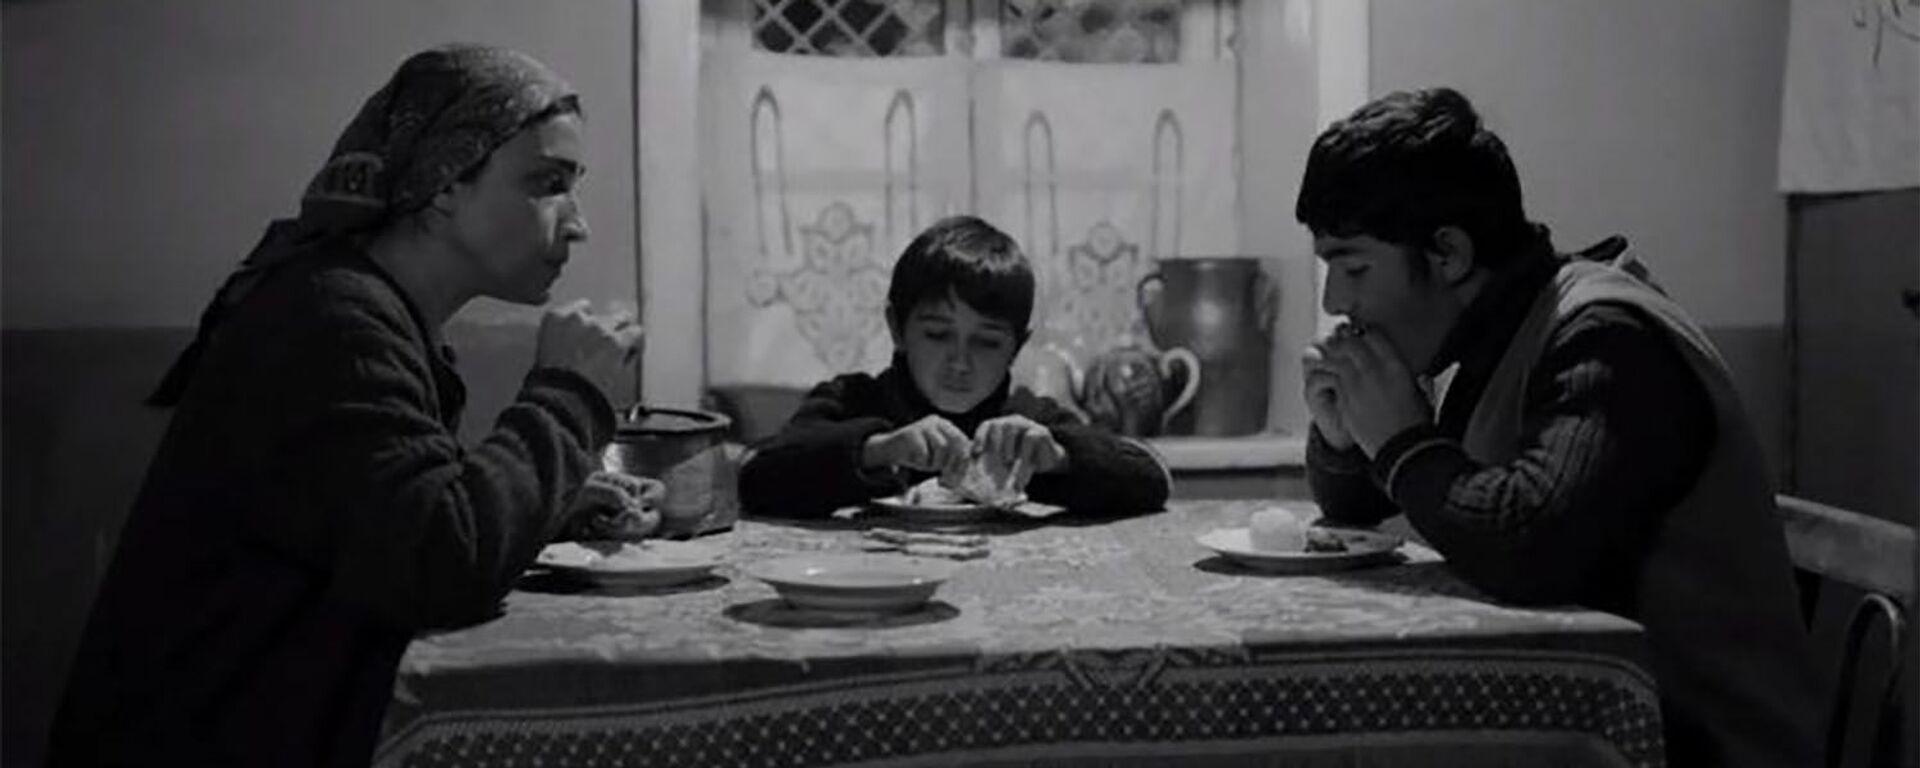 Suğra və oğulları filmindən kadr - Sputnik Azərbaycan, 1920, 13.10.2021